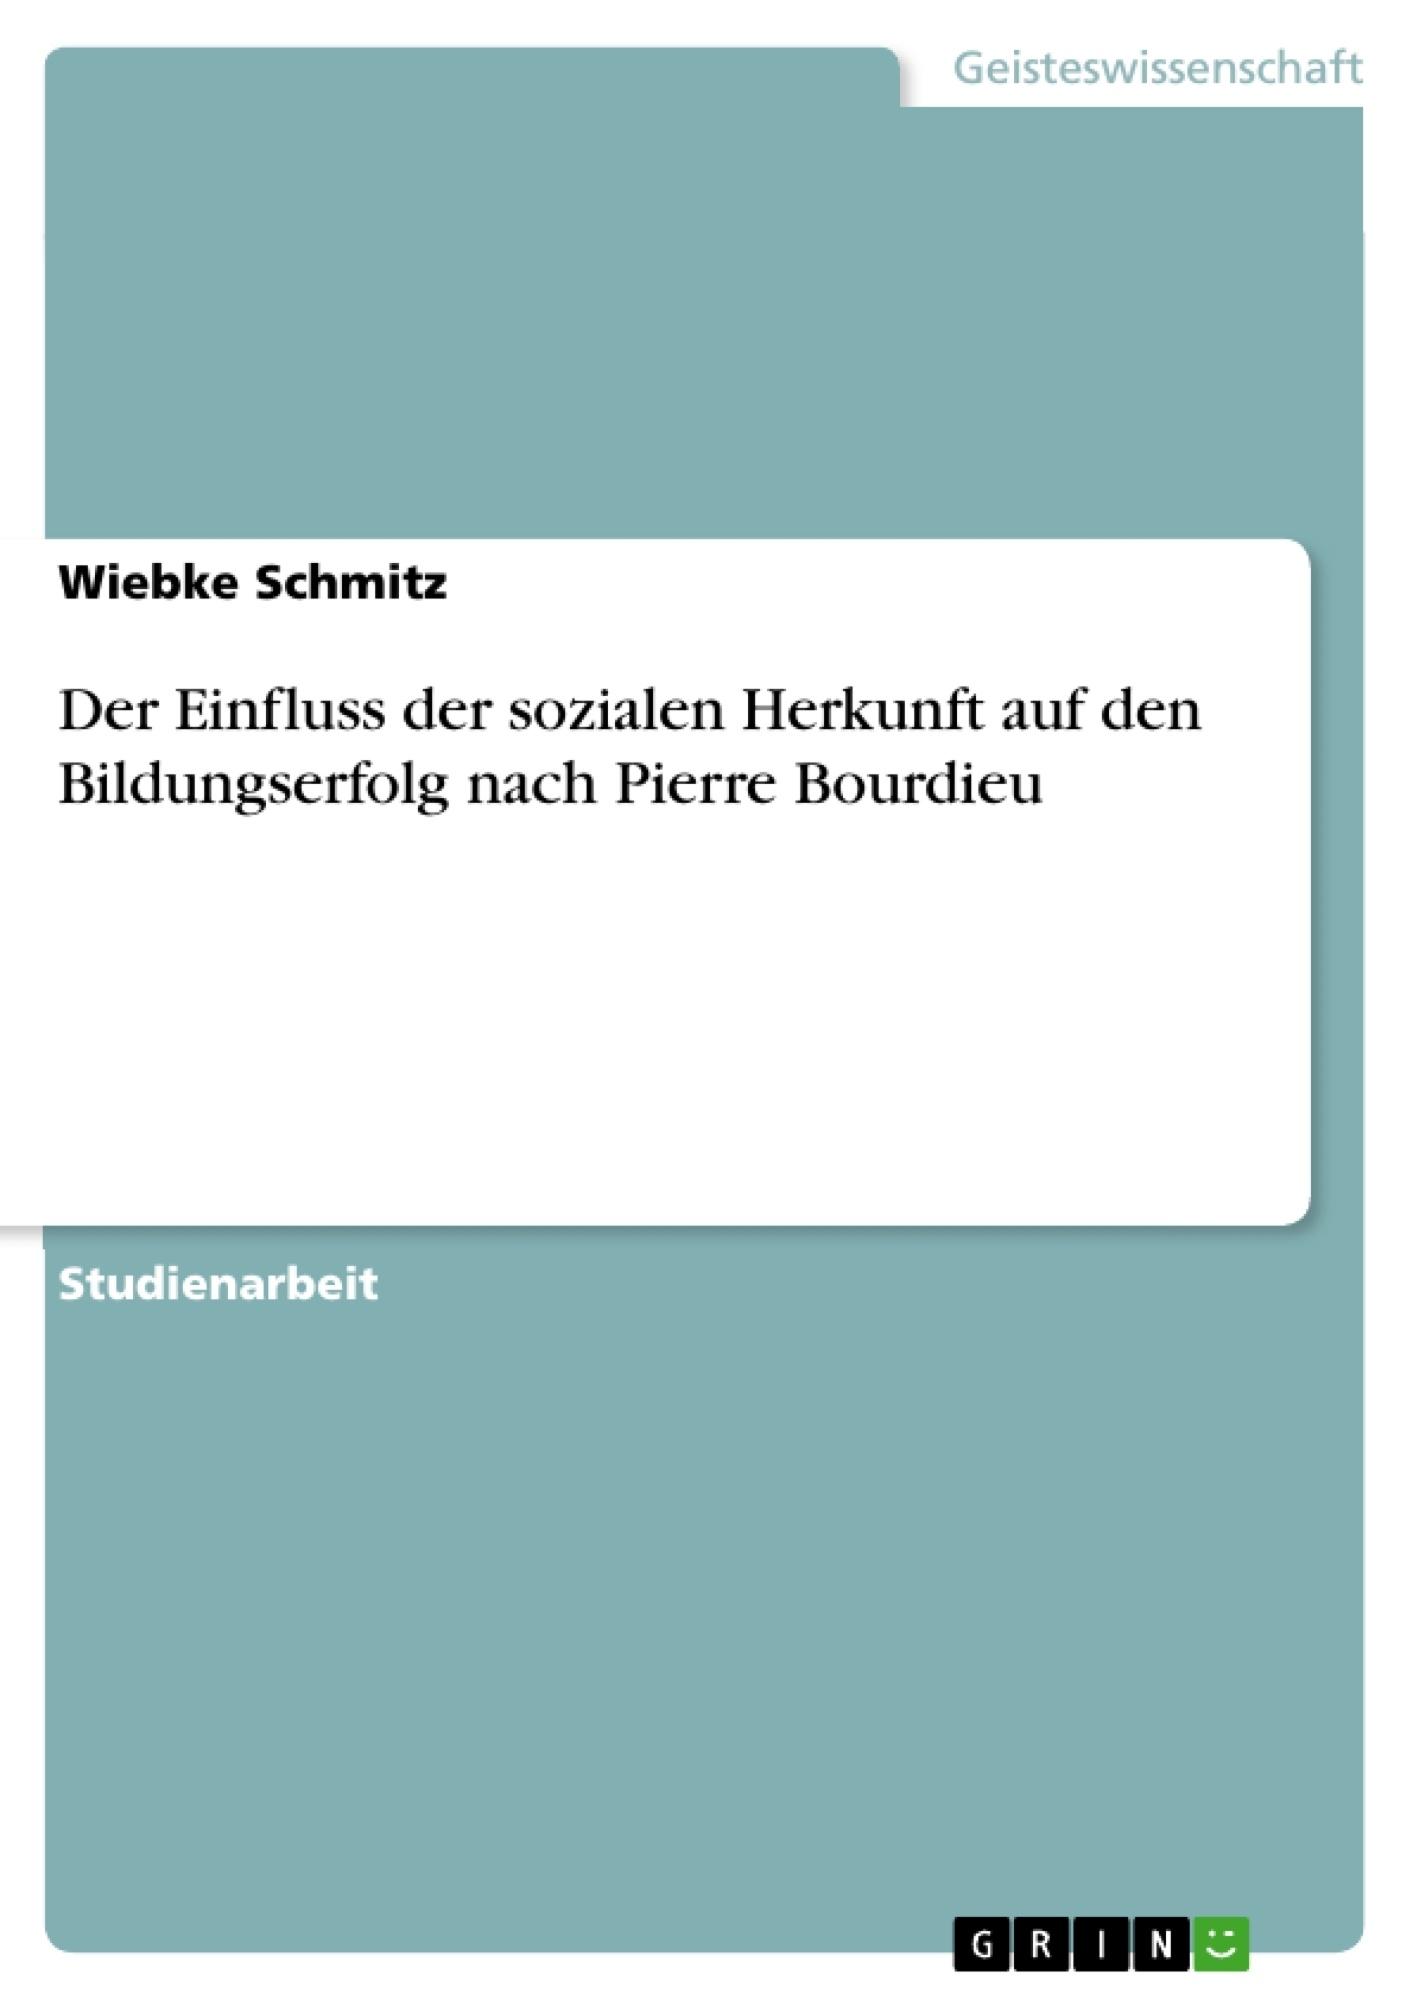 Titel: Der Einfluss der sozialen Herkunft auf den Bildungserfolg nach Pierre Bourdieu